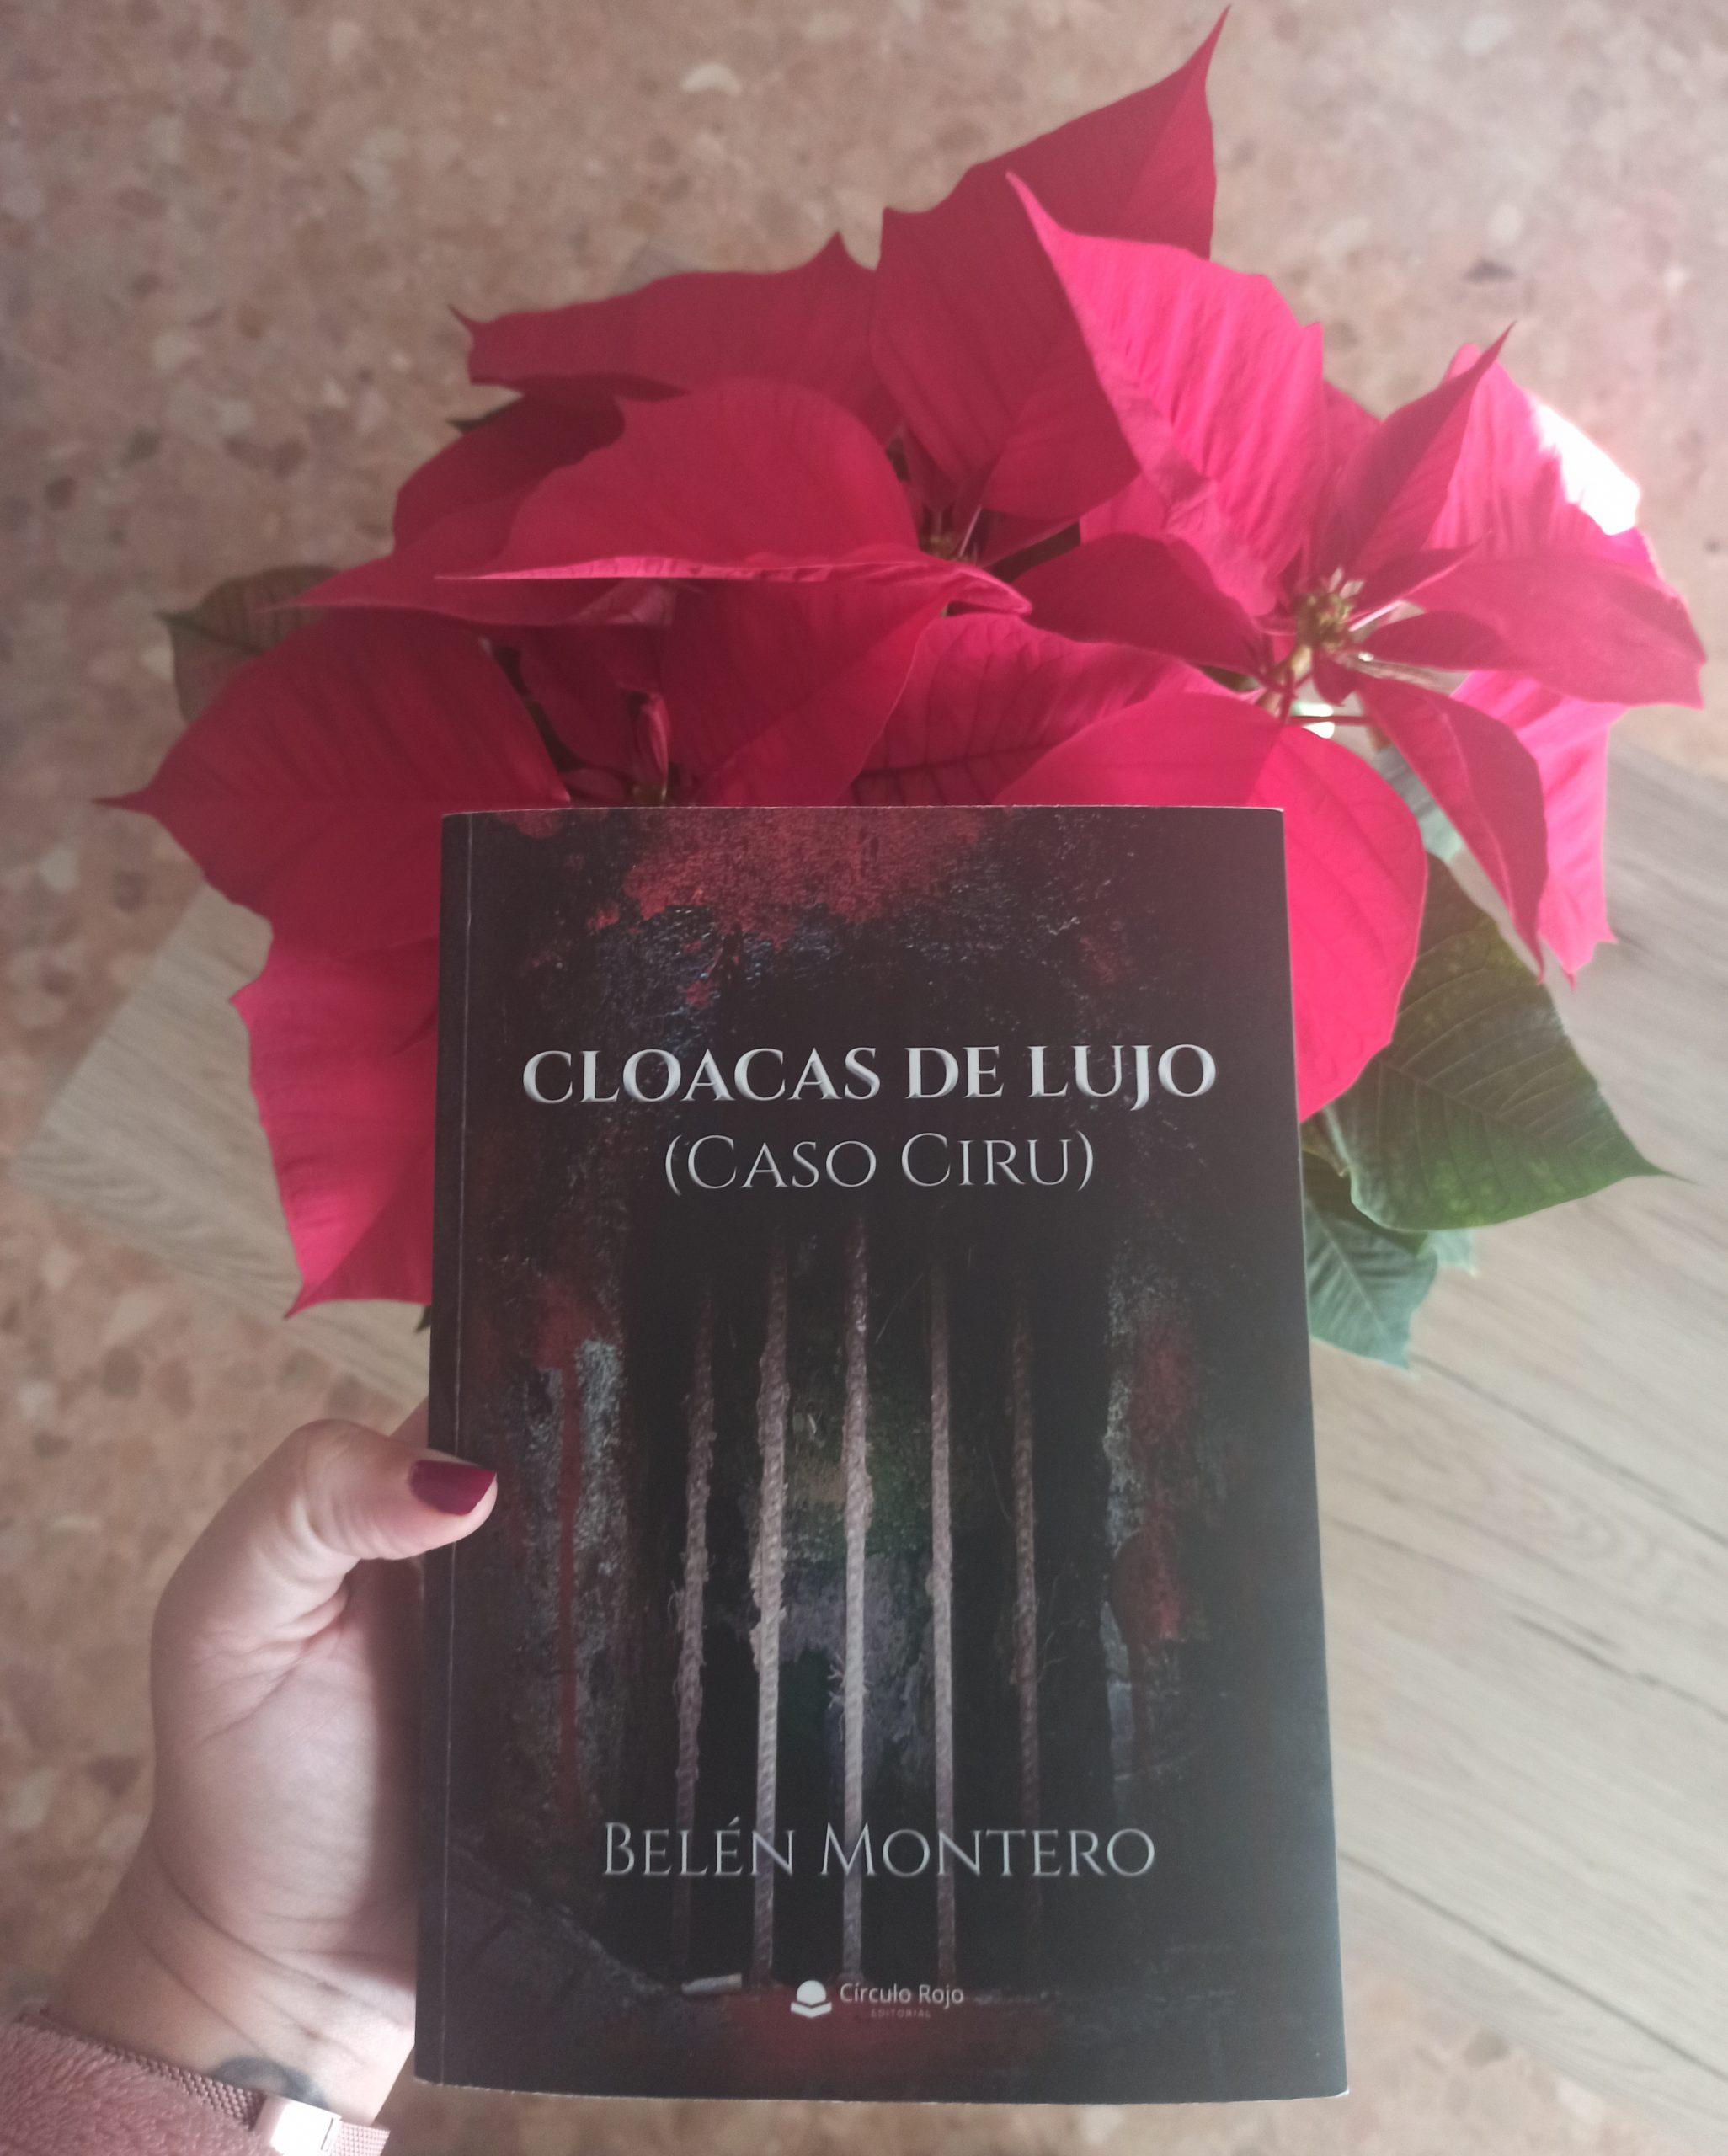 CLOACAS DE LUJO (CASO CIRU), de Belén Montero.